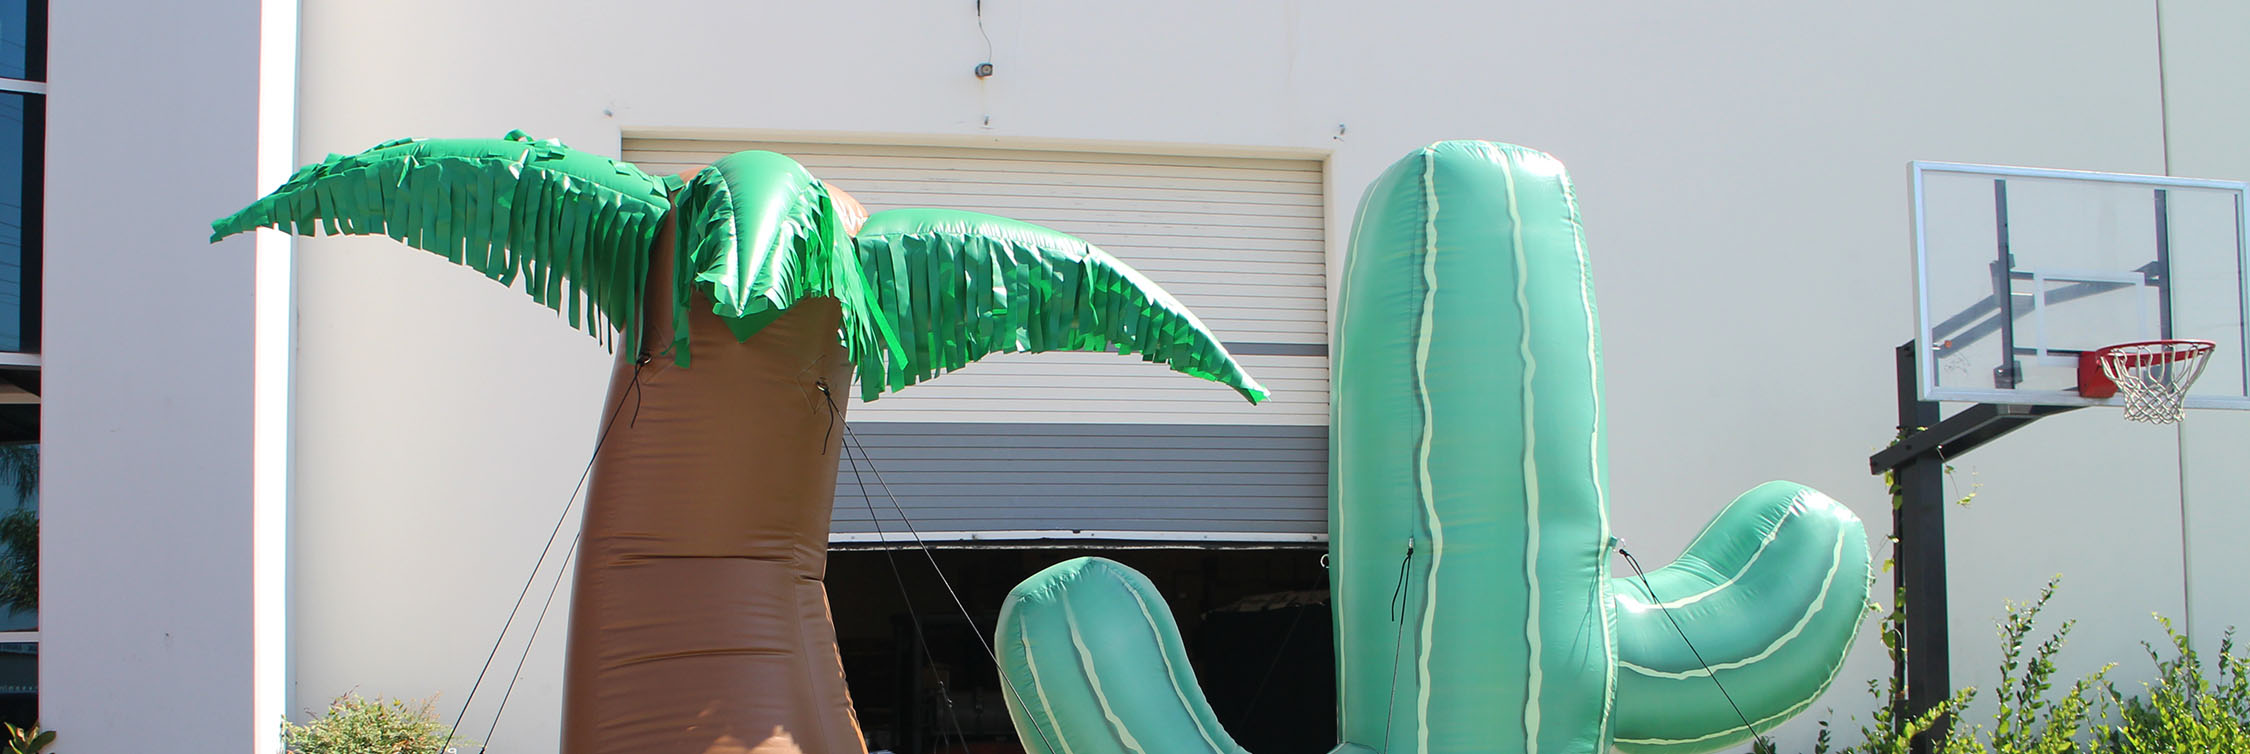 palm-cactus-replica-inflatables